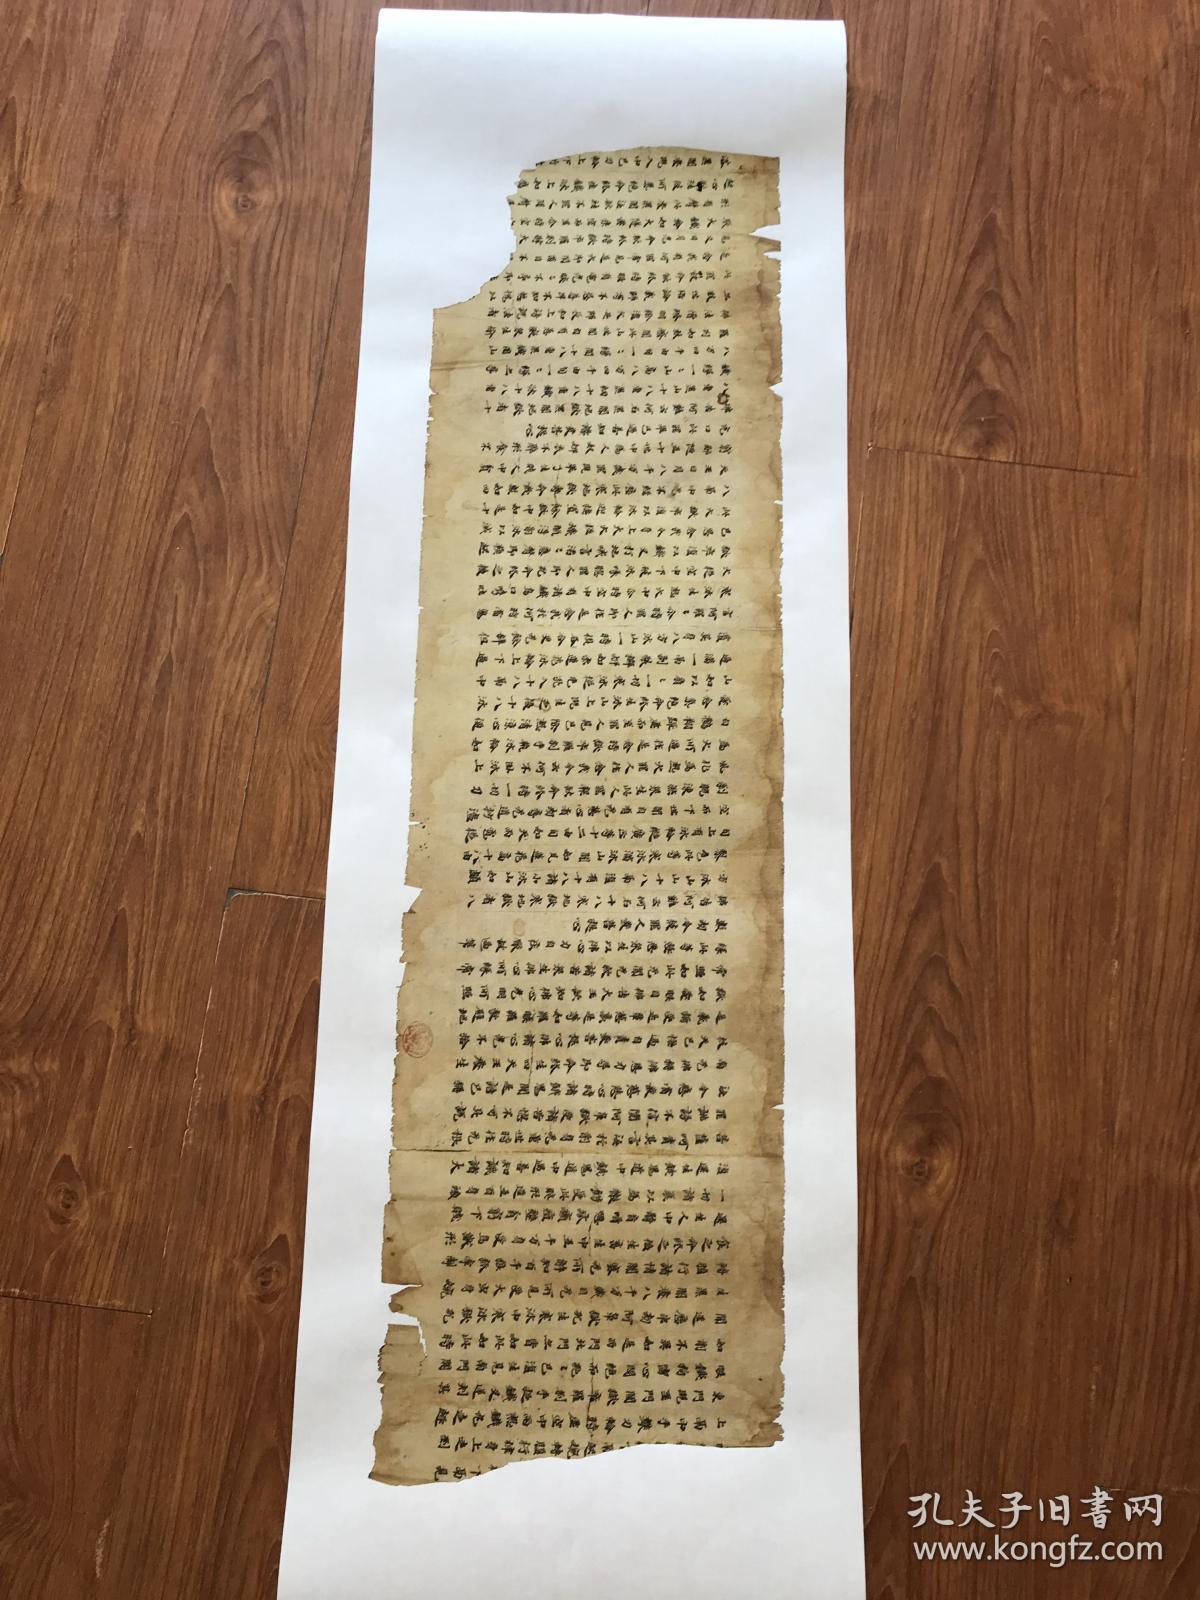 敦煌遗书 大英博物馆 S1877莫高窟 佛说无量寿宗要经手稿。纸本大小28*95厘米。宣纸艺术微喷复制。95元非偏远包邮